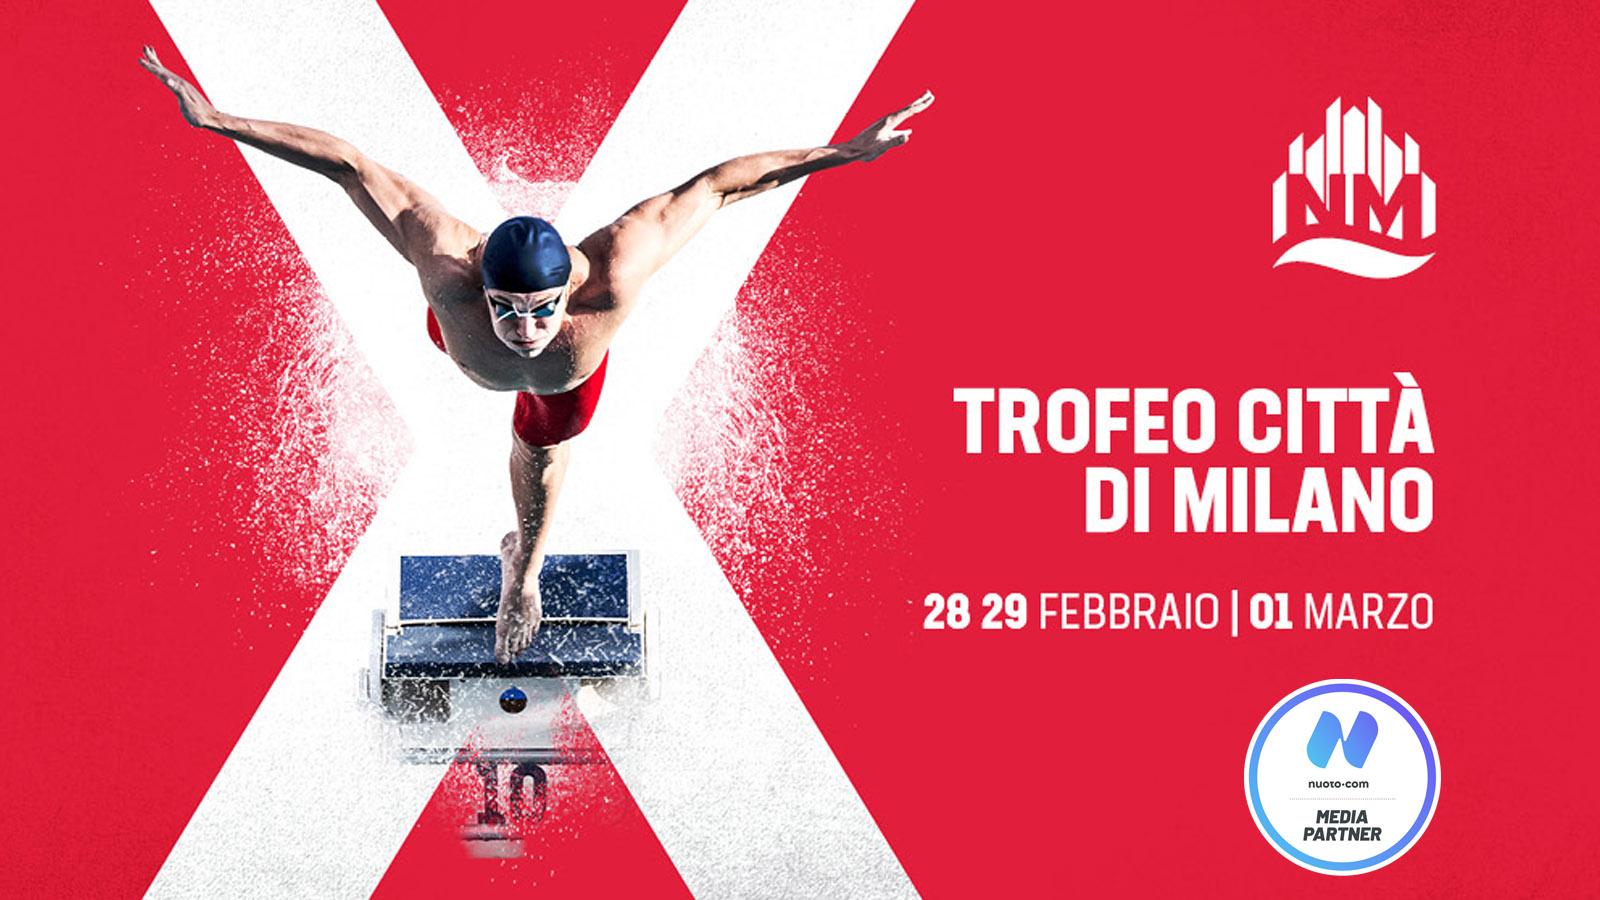 Gli azzurri per il X Trofeo città di Milano